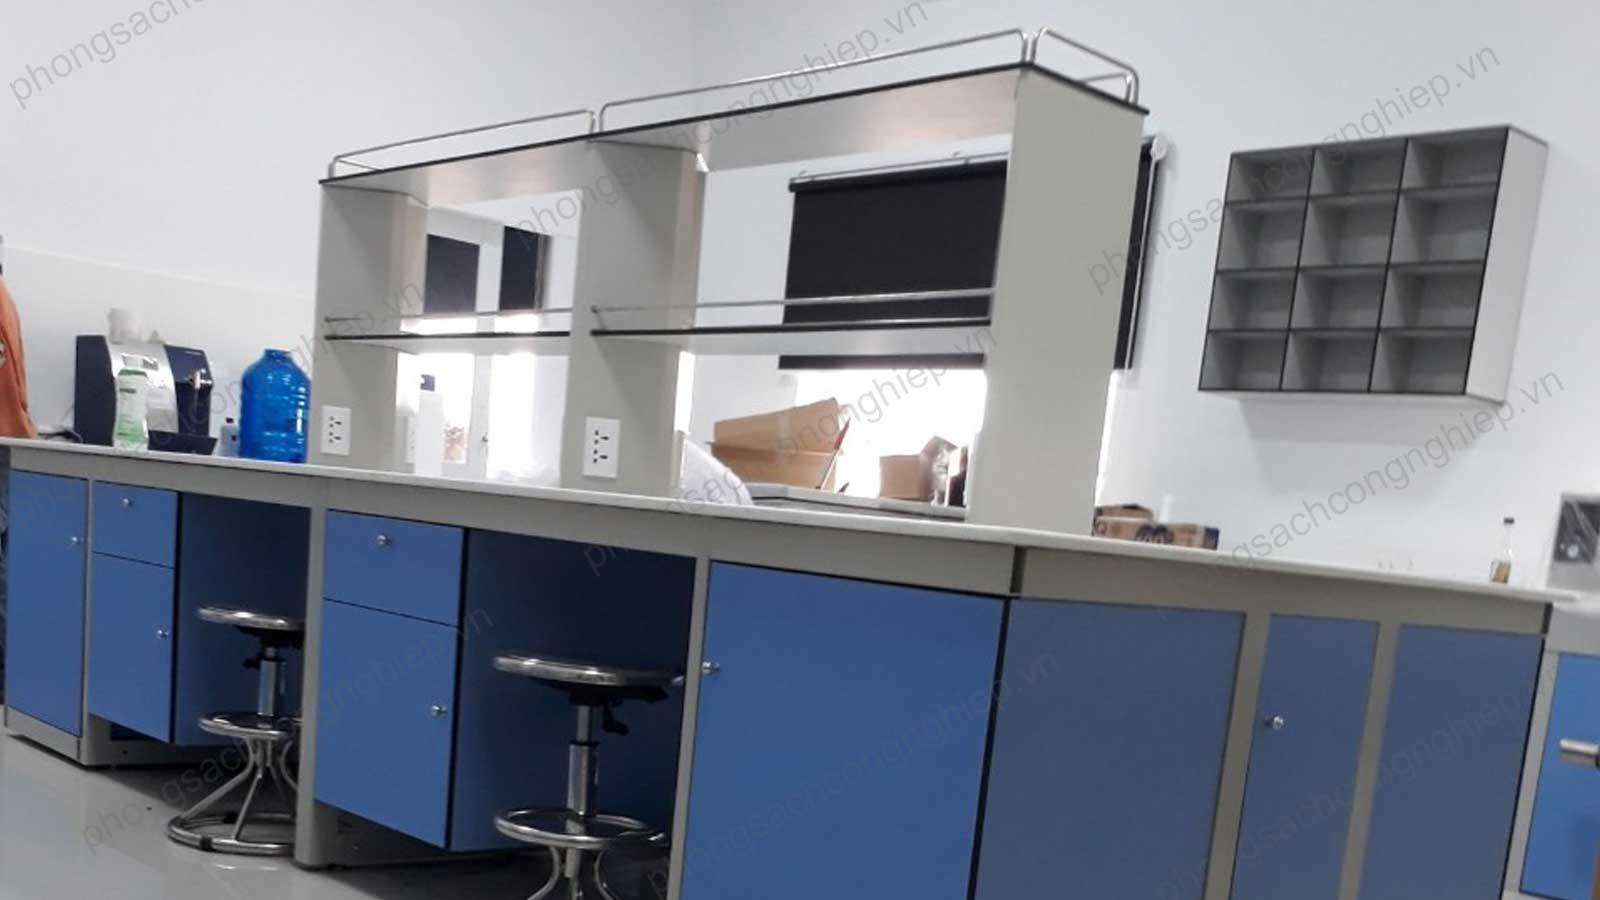 bàn-thí-nghiệm-trung-tâm-mẫu-4